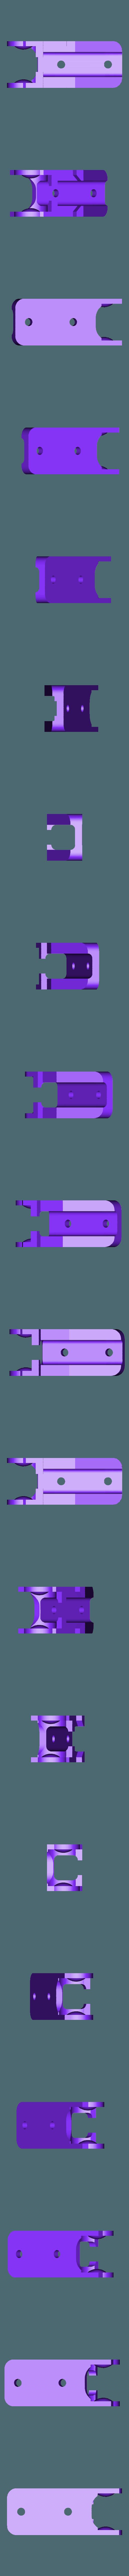 start1010.stl Télécharger fichier STL gratuit chaîne de traînage 10x10 • Design imprimable en 3D, raffosan